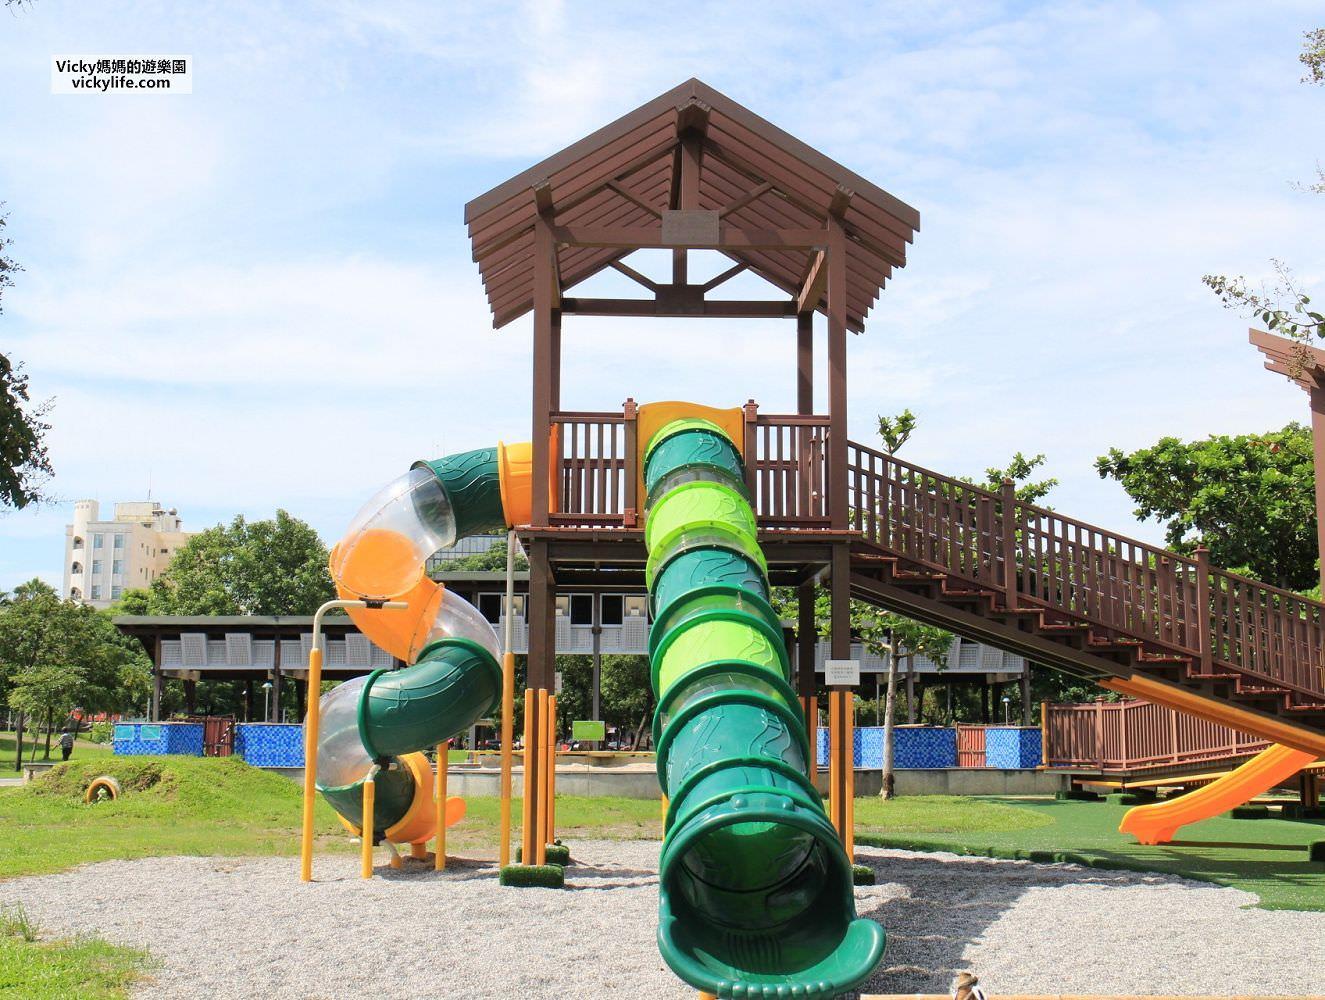 嘉義景點︱文化公園:就是要跟青蛙共舞!多樣共融遊具免費景點,鳥巢鞦韆、超大轉盤、樹蛙沙坑、透明水管滑梯等著大家